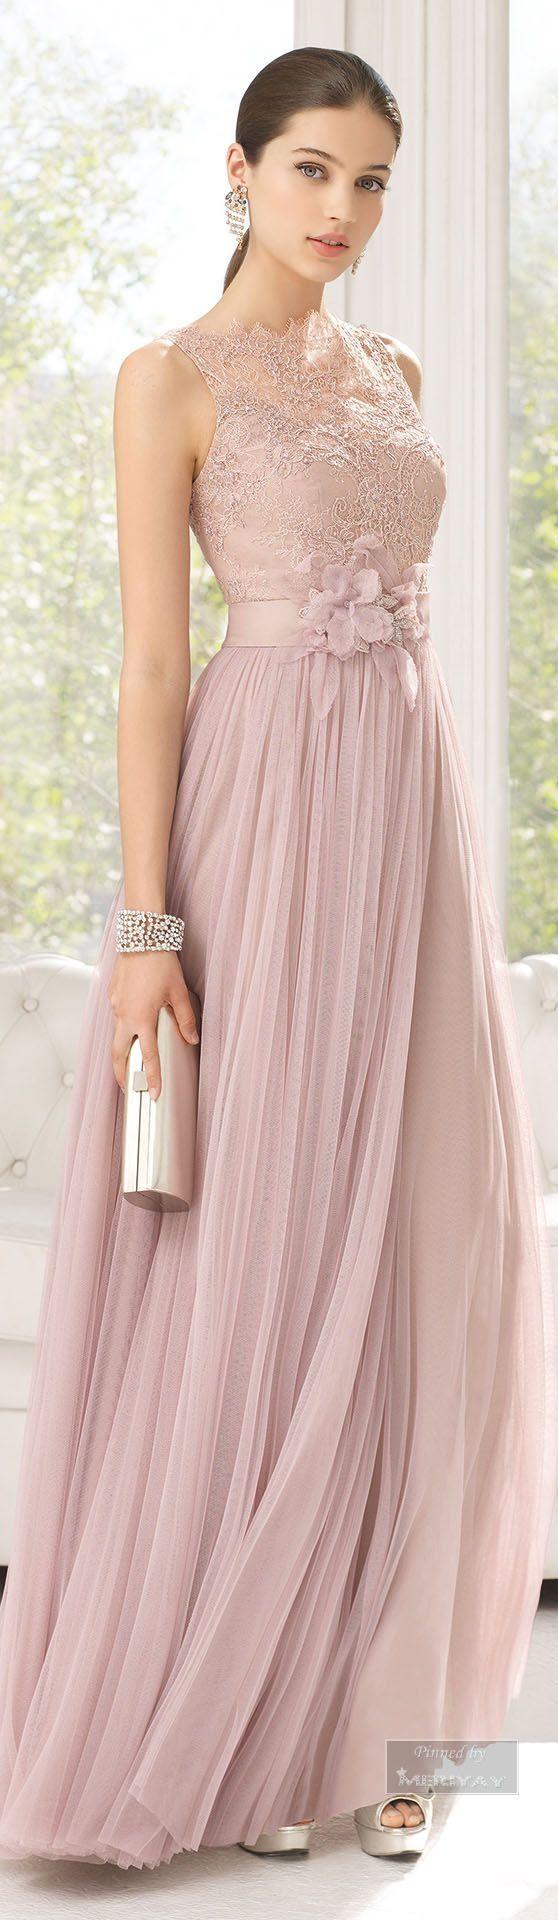 best images about elegance on pinterest ralph lauren de